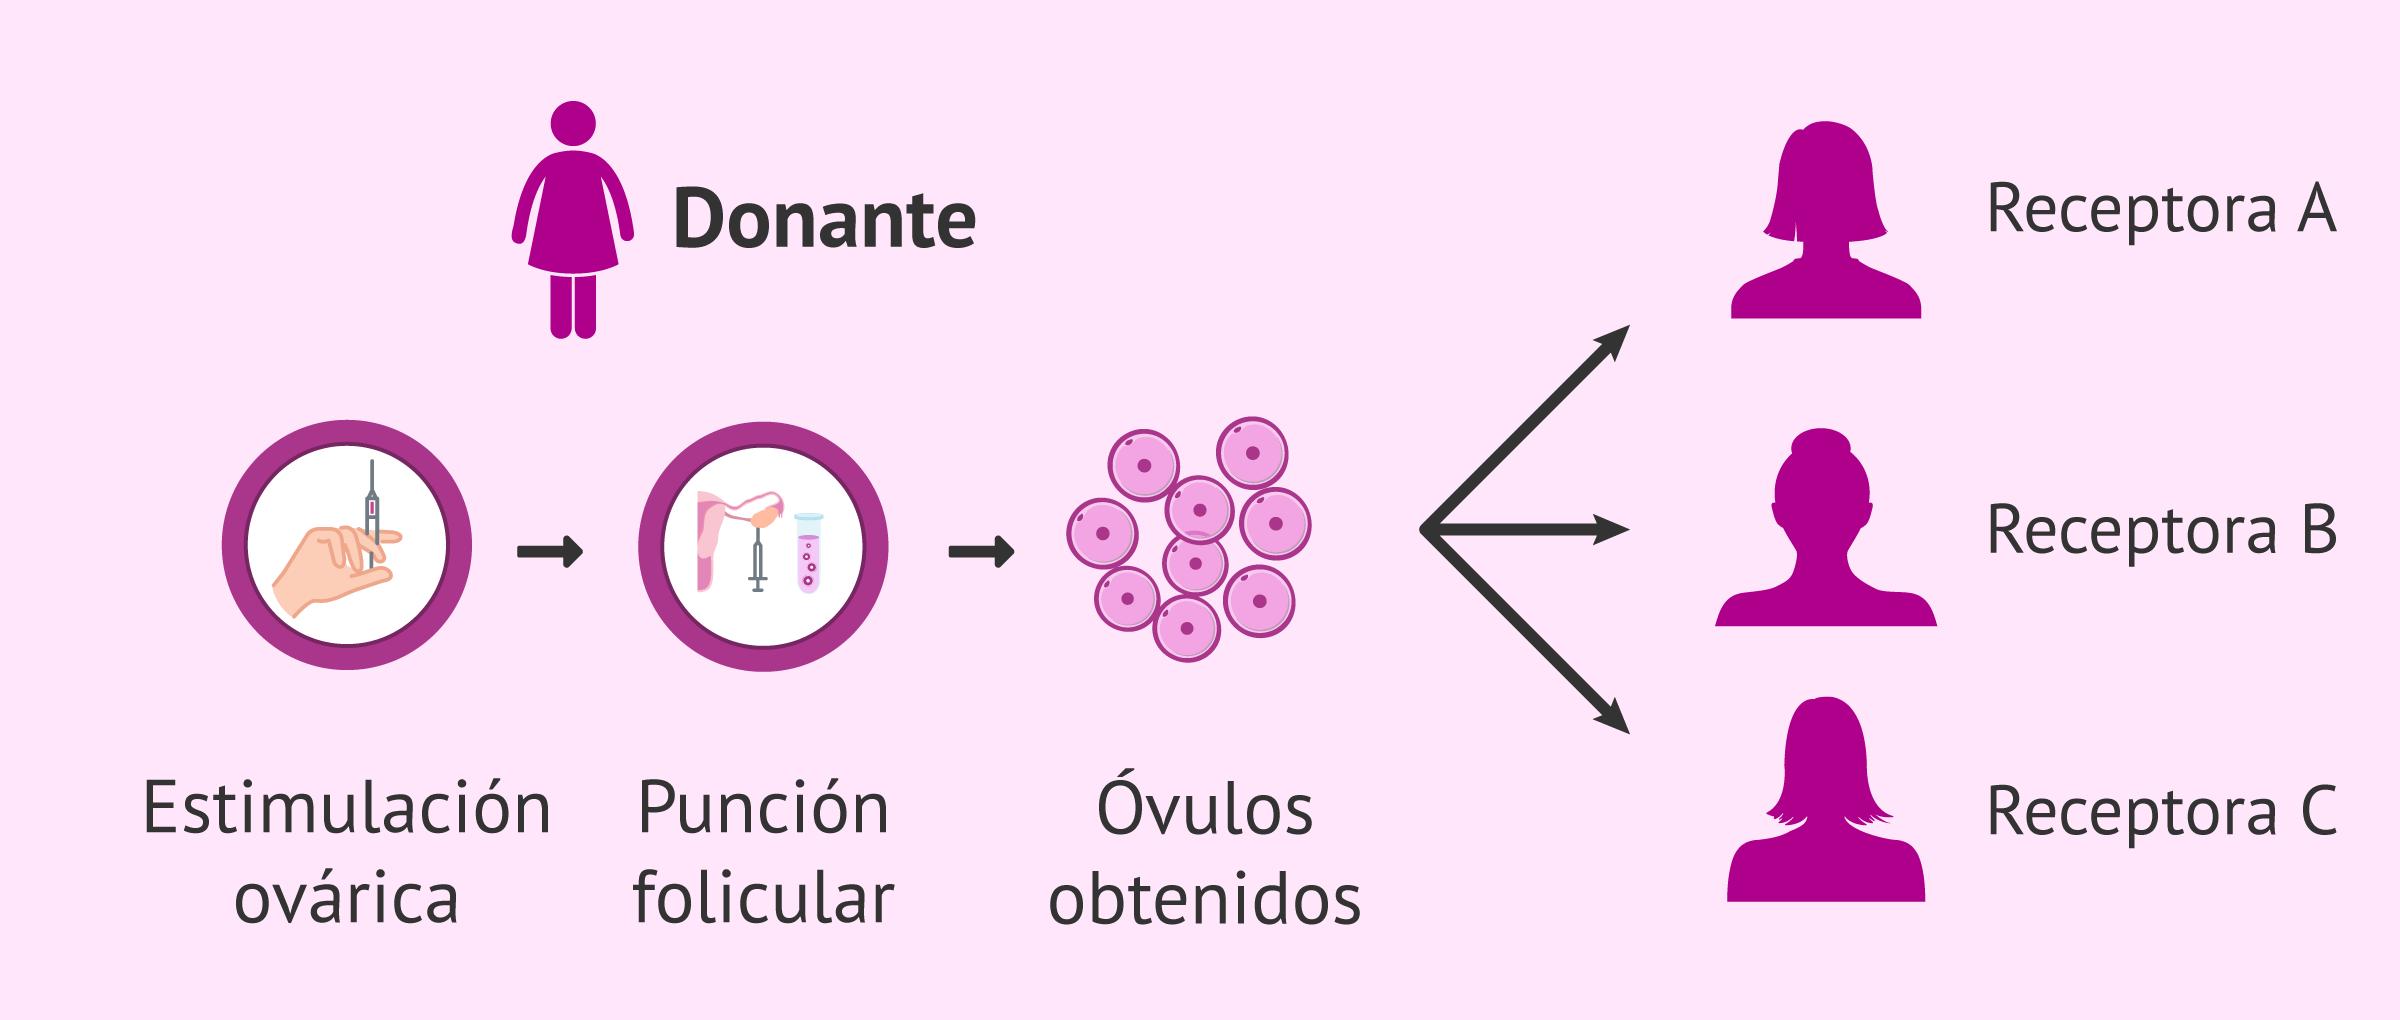 ¿Qué es la donación de óvulos compartida y cuánto cuesta?